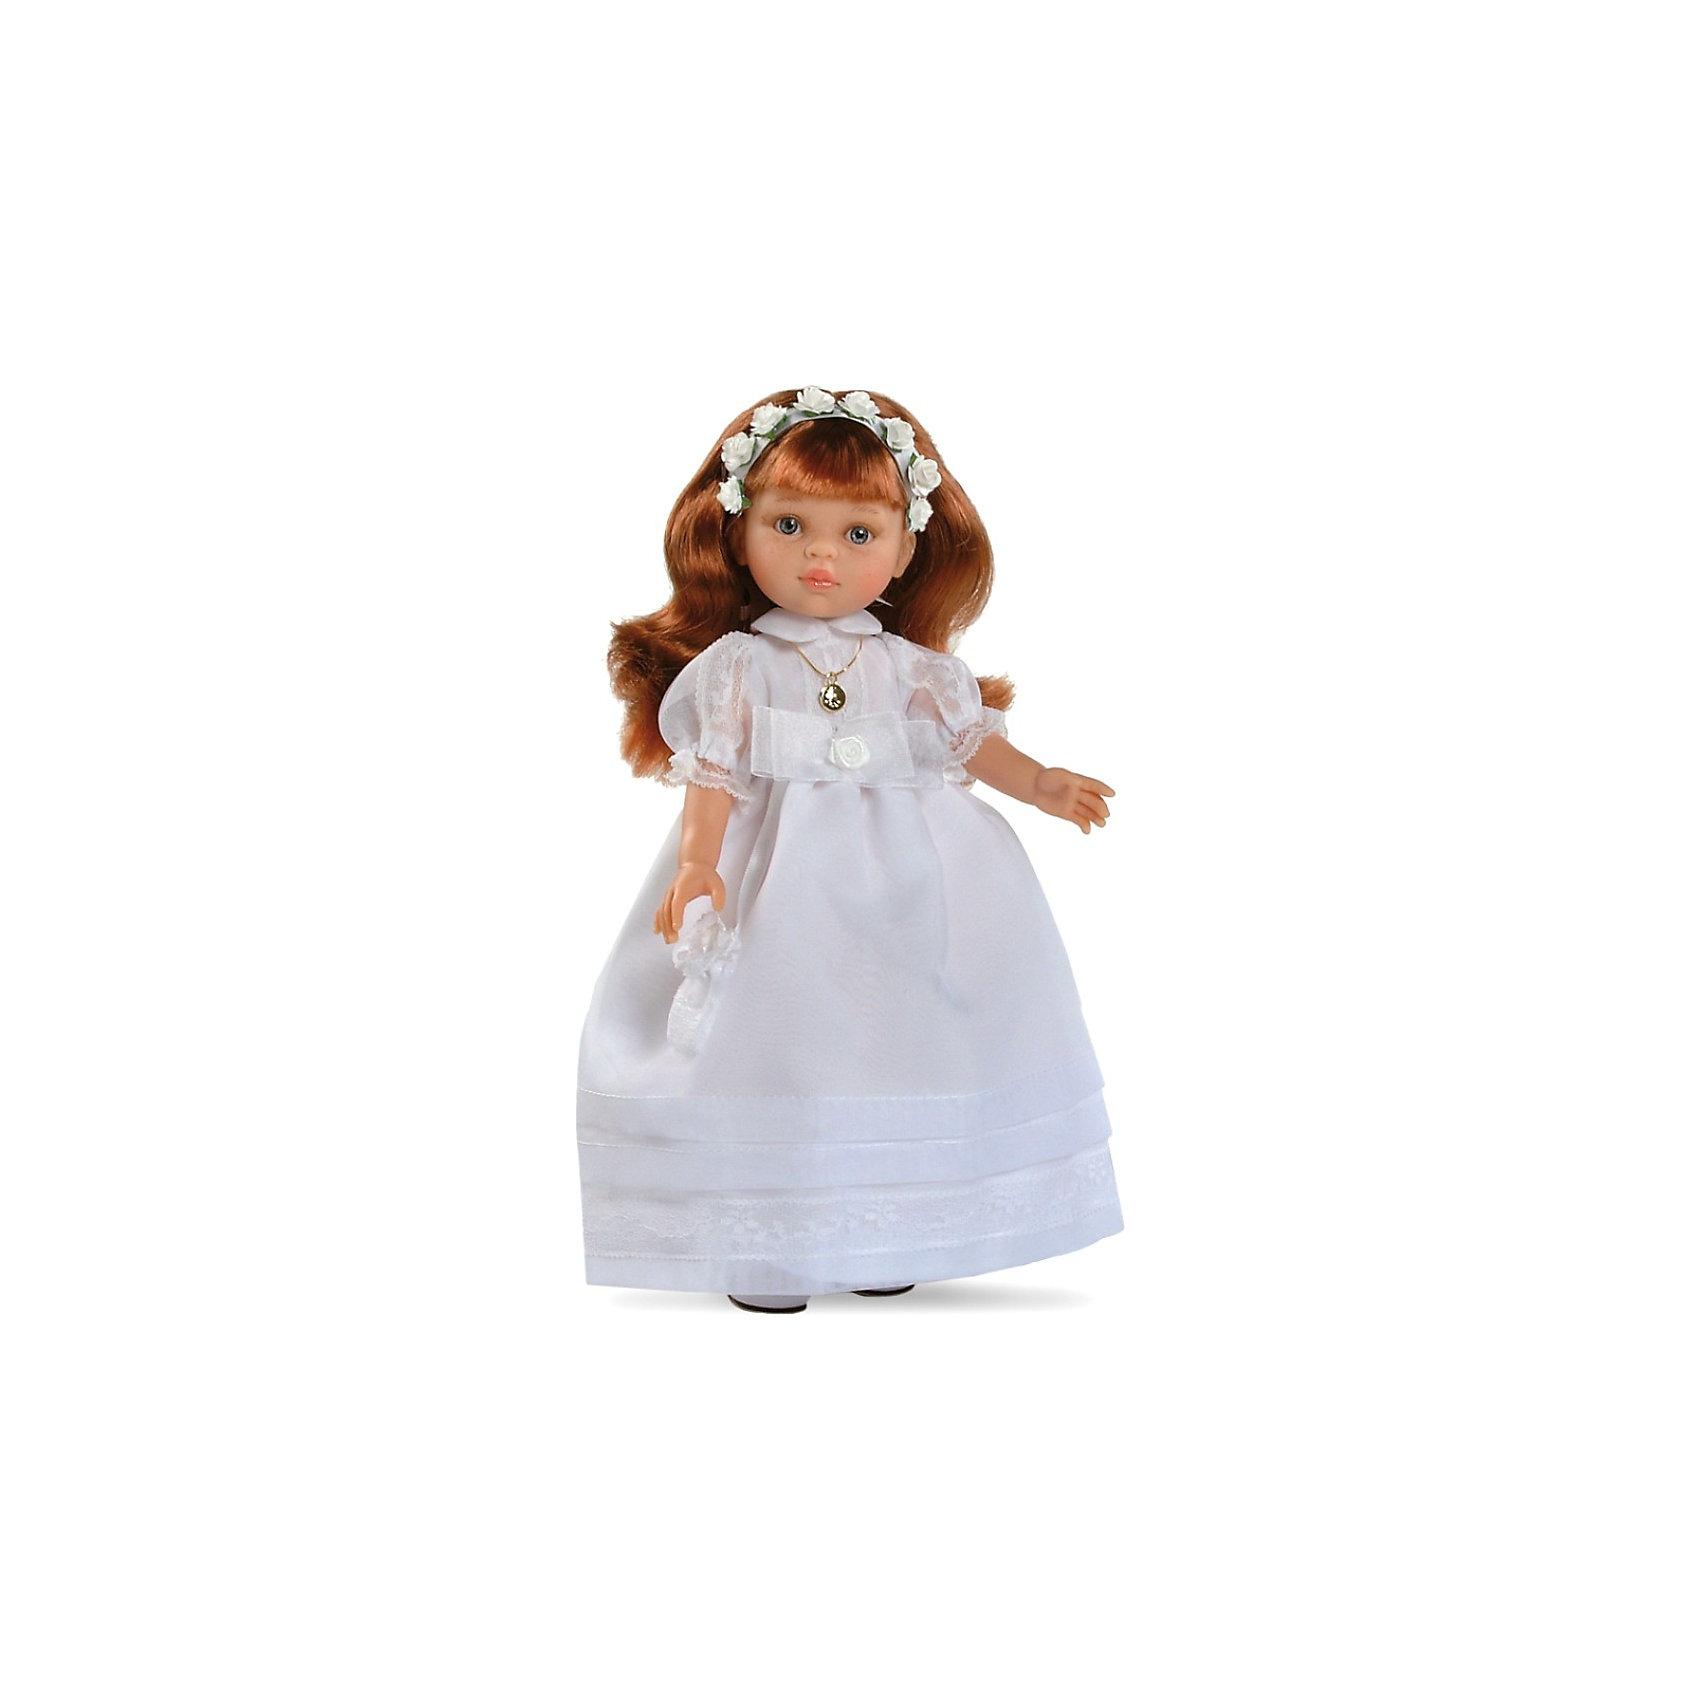 Кукла Кристи, 32см, Paola Reina